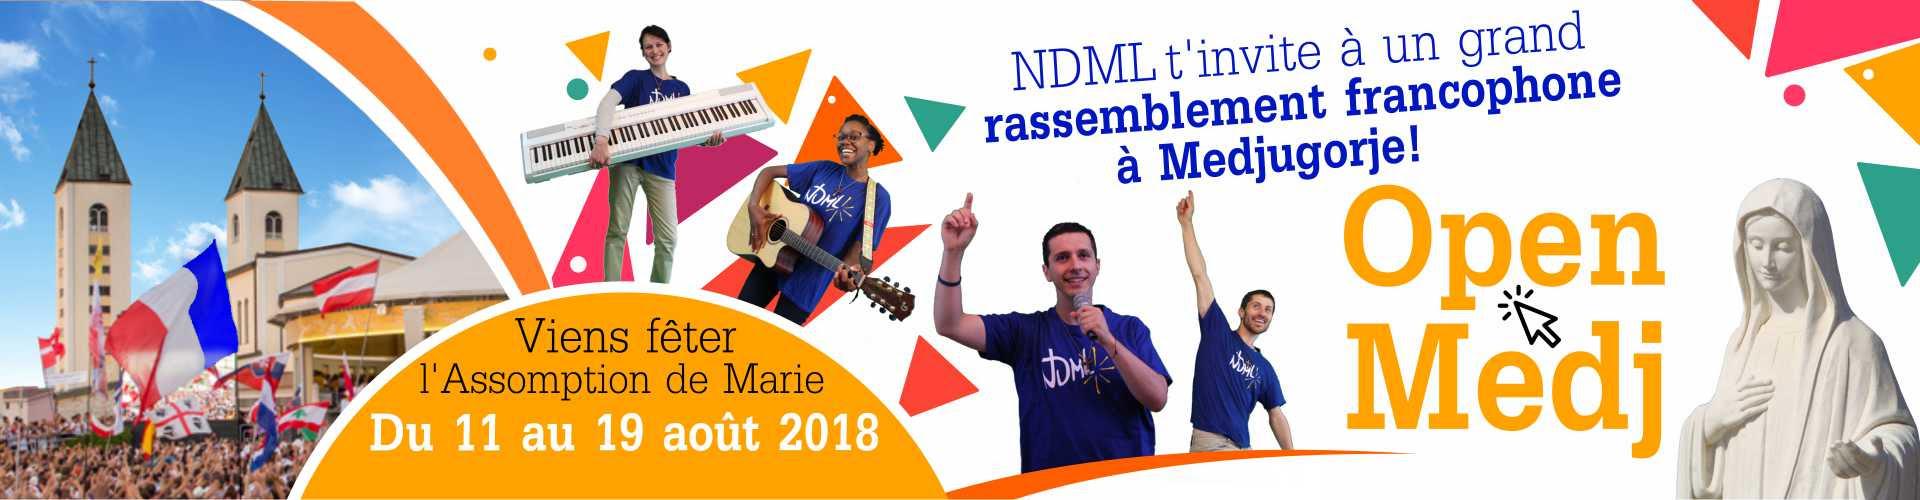 Open Medj du 11 au 19 août 2018 à Medjugorje organisé par Notre-Dame Mère de la Lumière